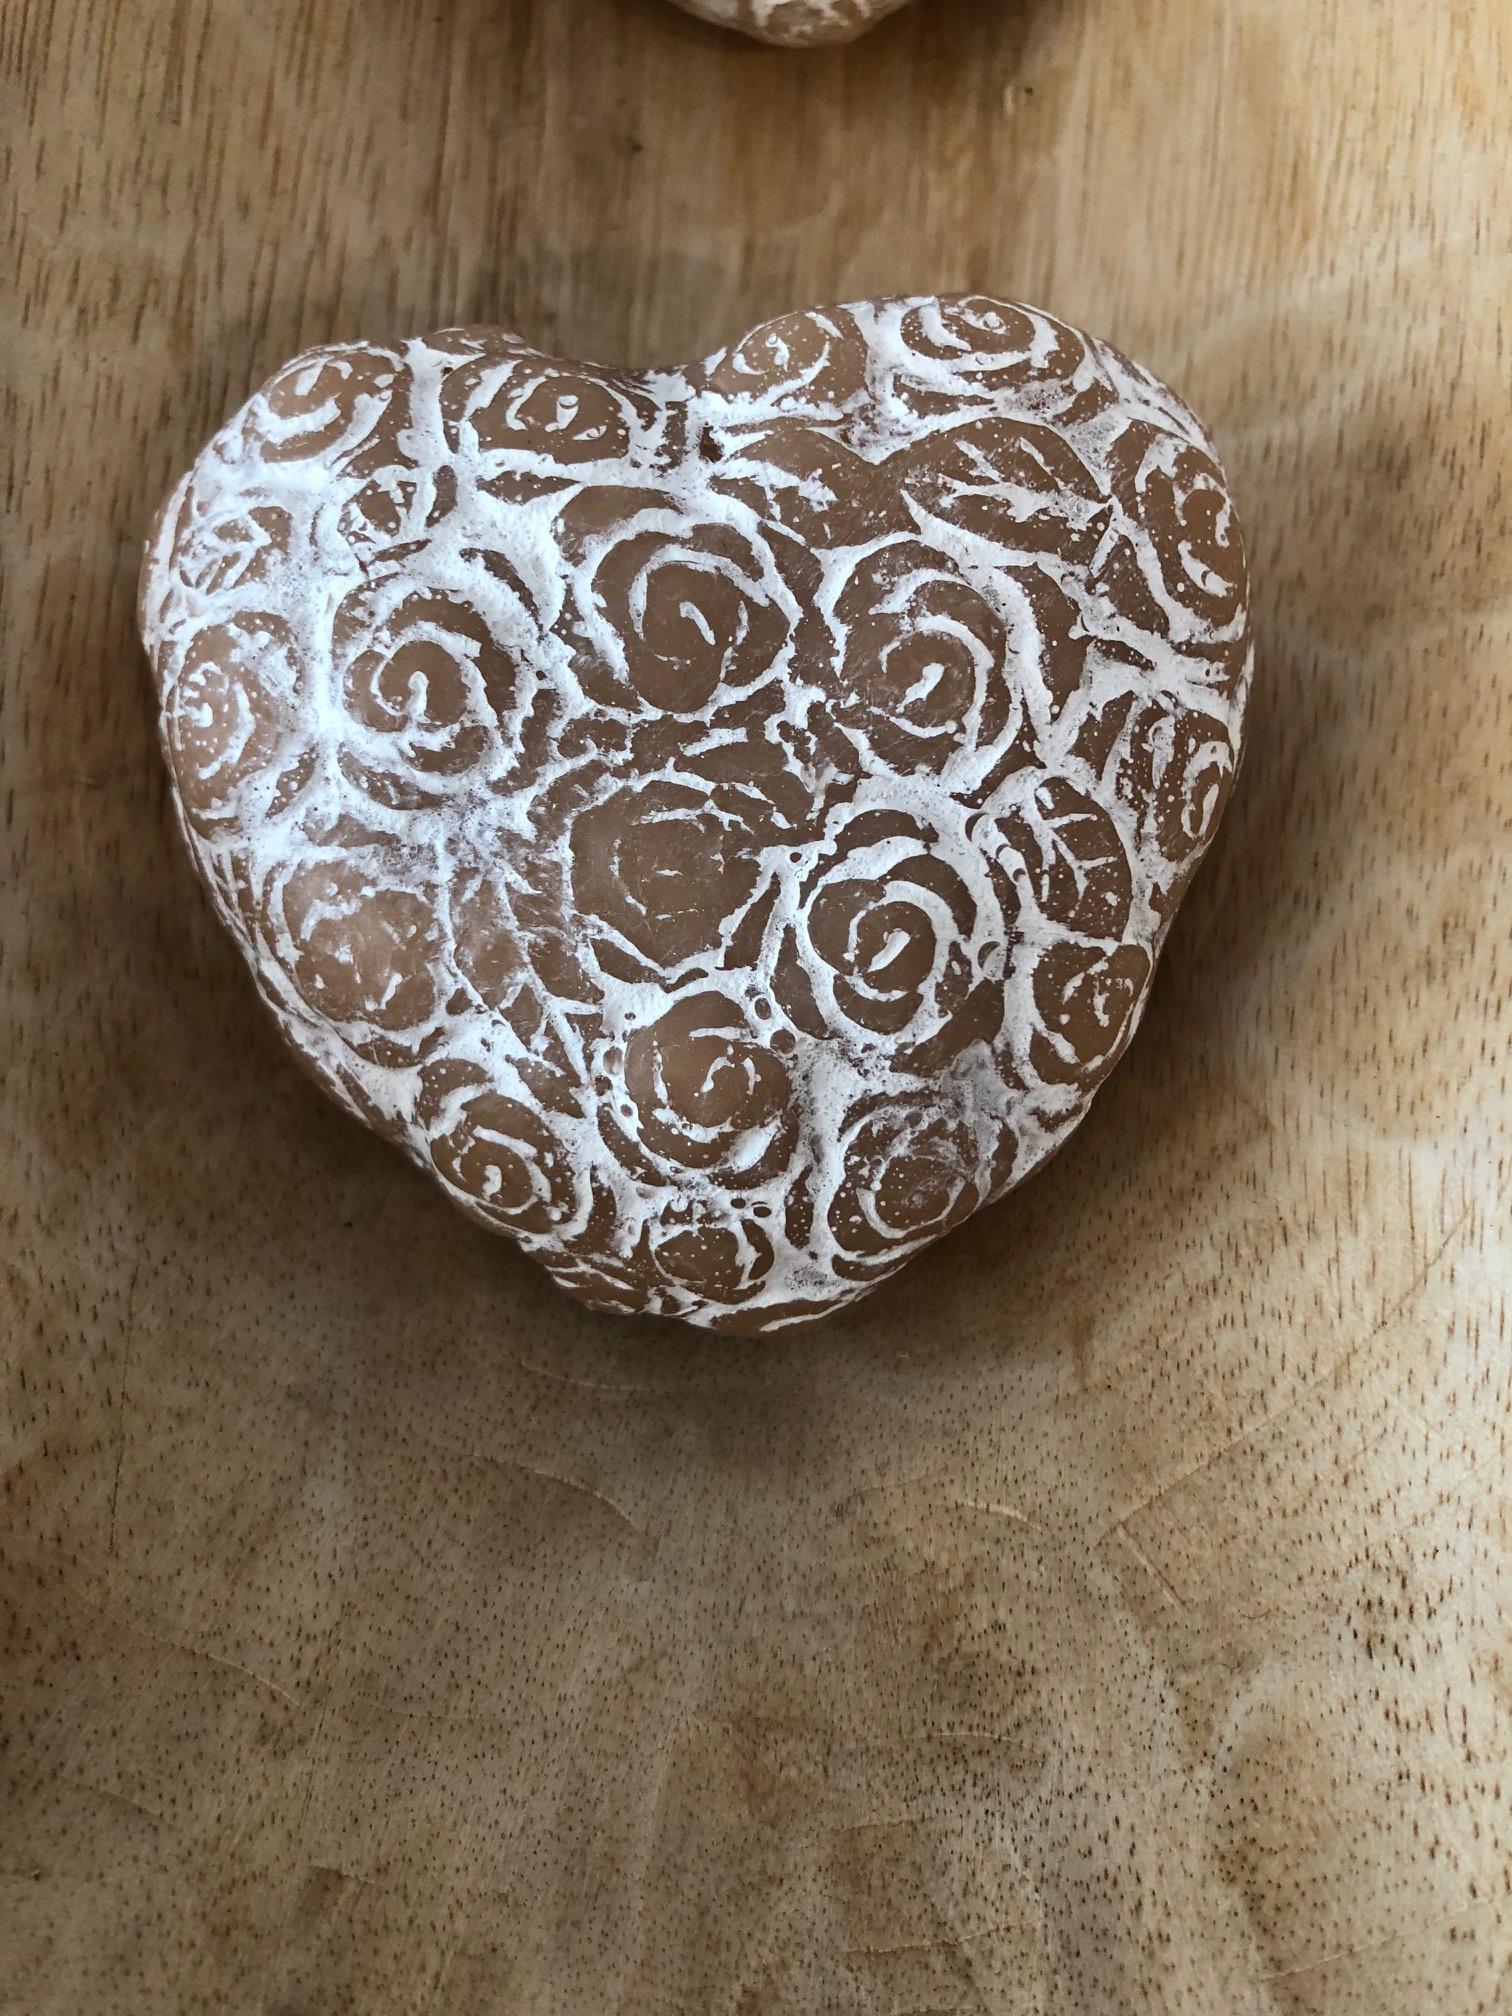 Kimberly House Handmade Soap